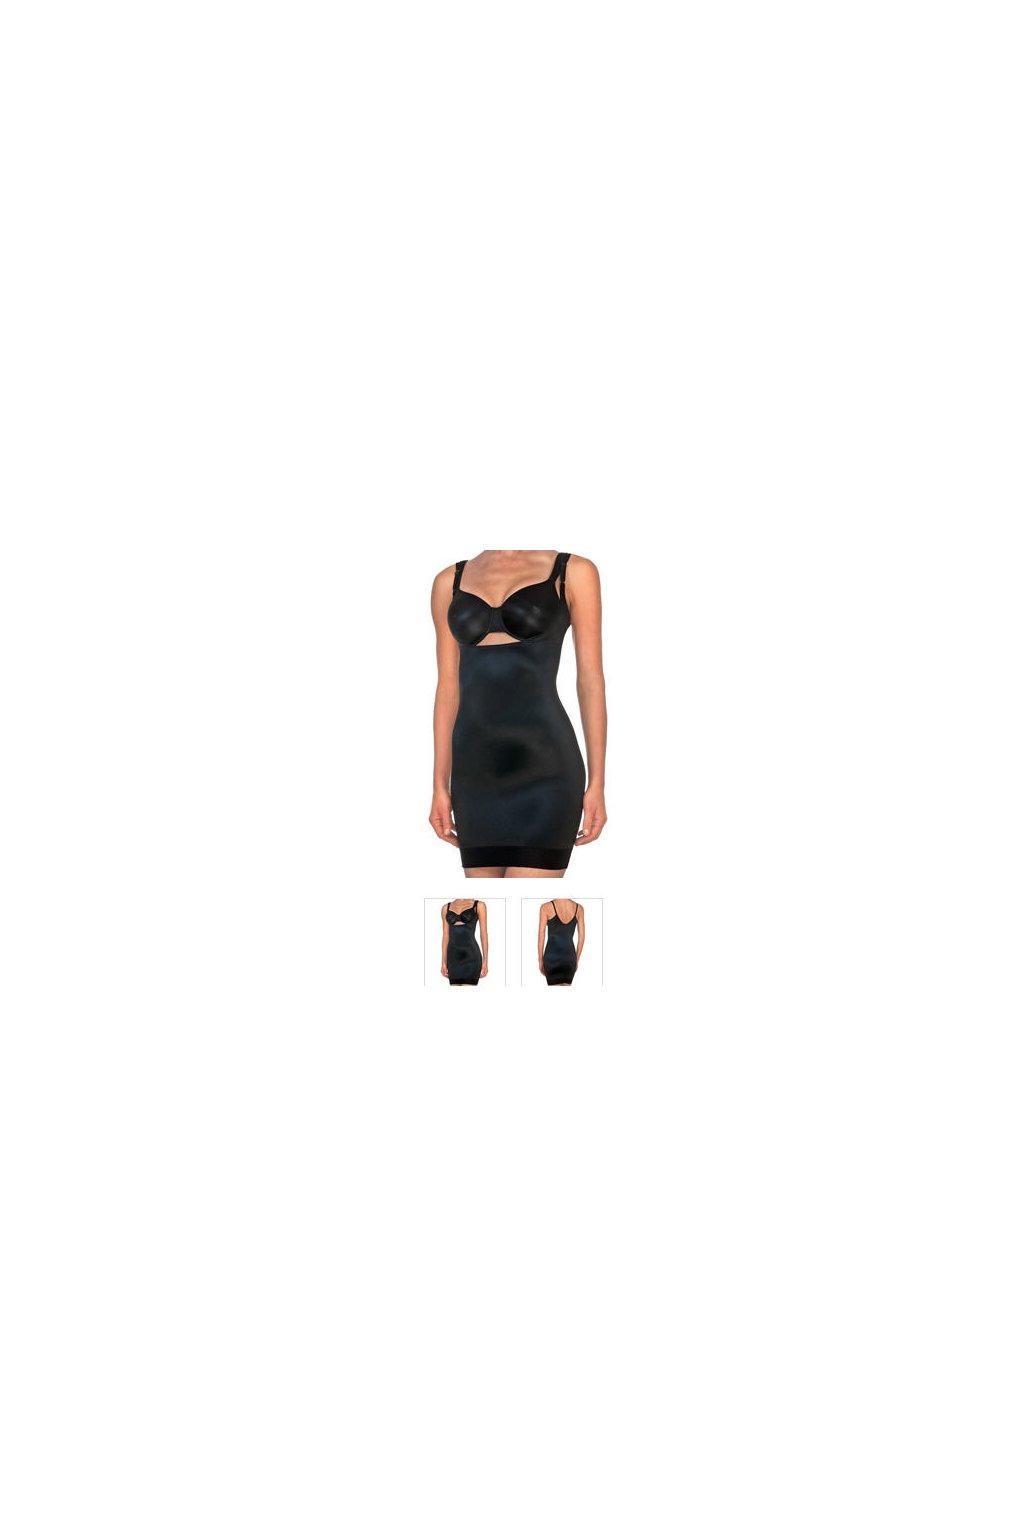 Zoštíhľujúce šaty Felina Conturelle Soft Touch 81922 x